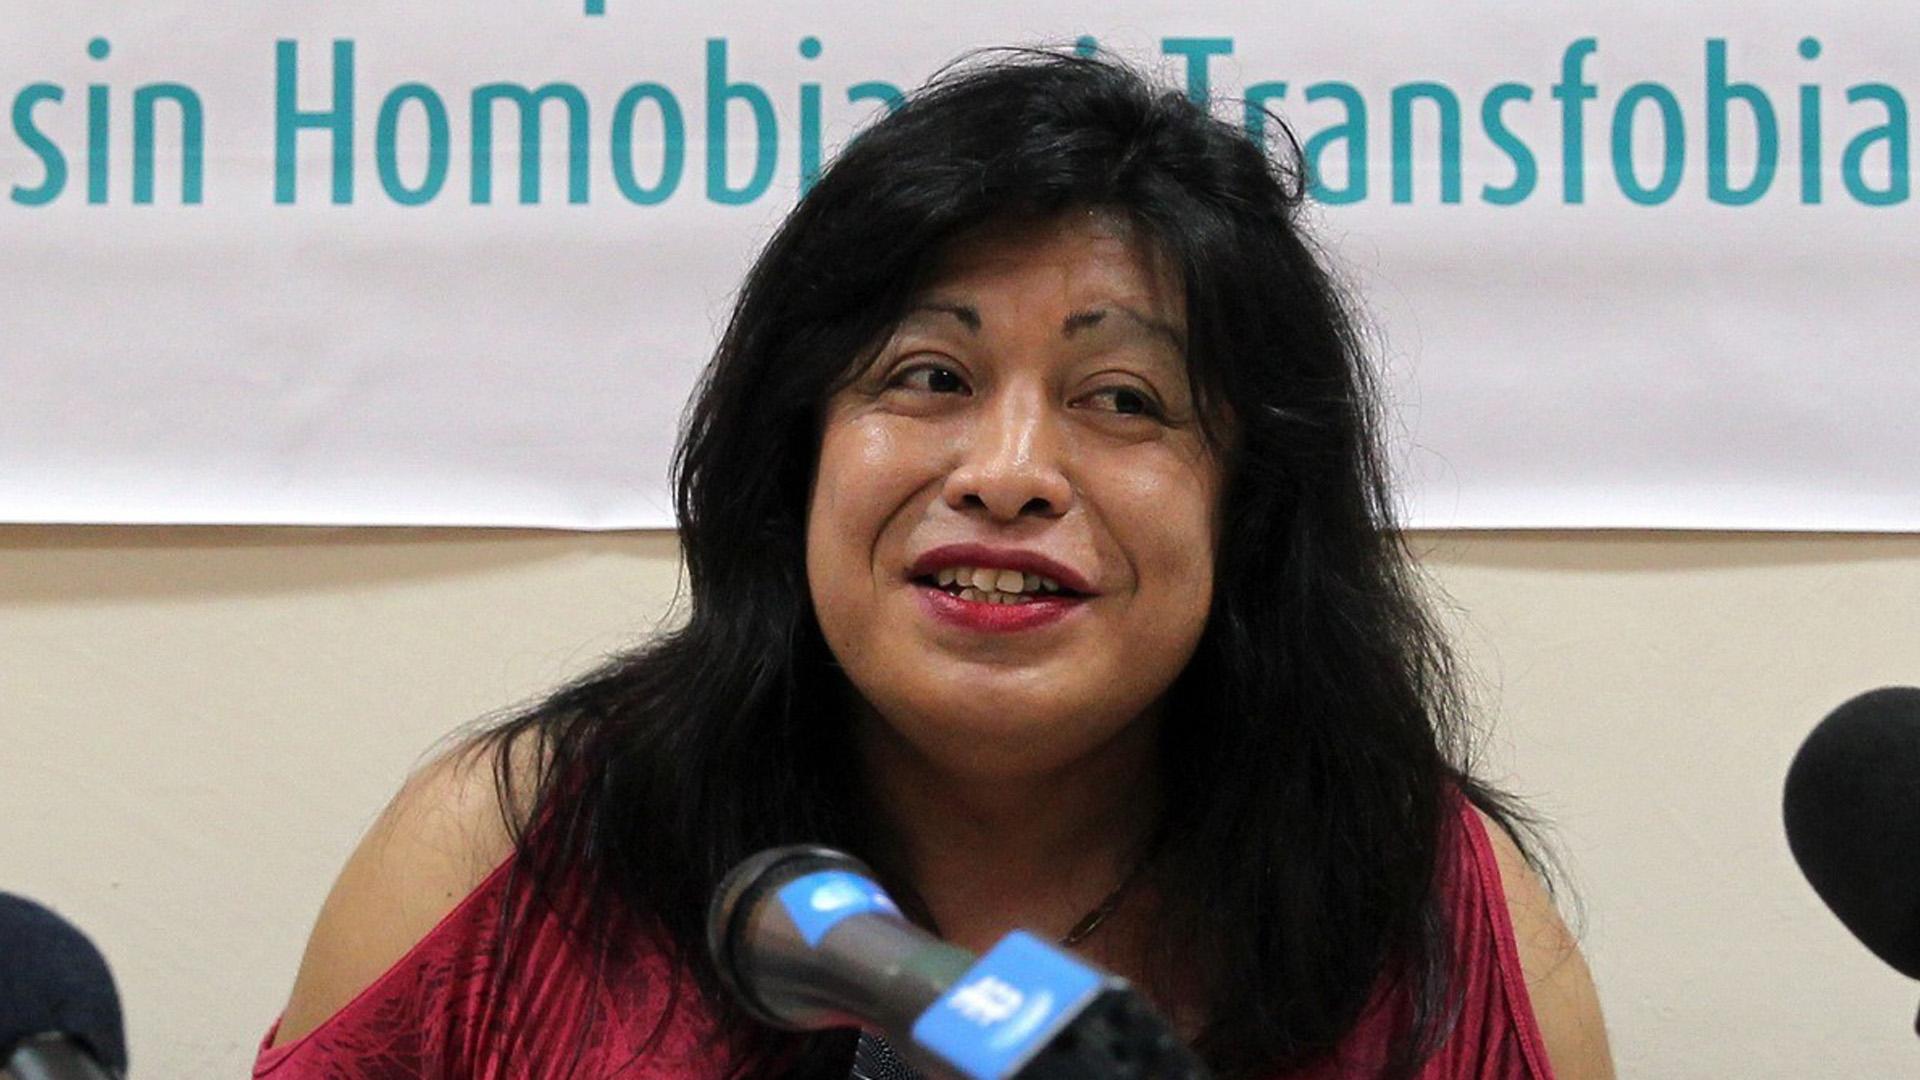 El Gobierno nacional fijó un monto para quienes tengan datos de la identidad del coautor del emblemático travesticidio. (EFE)